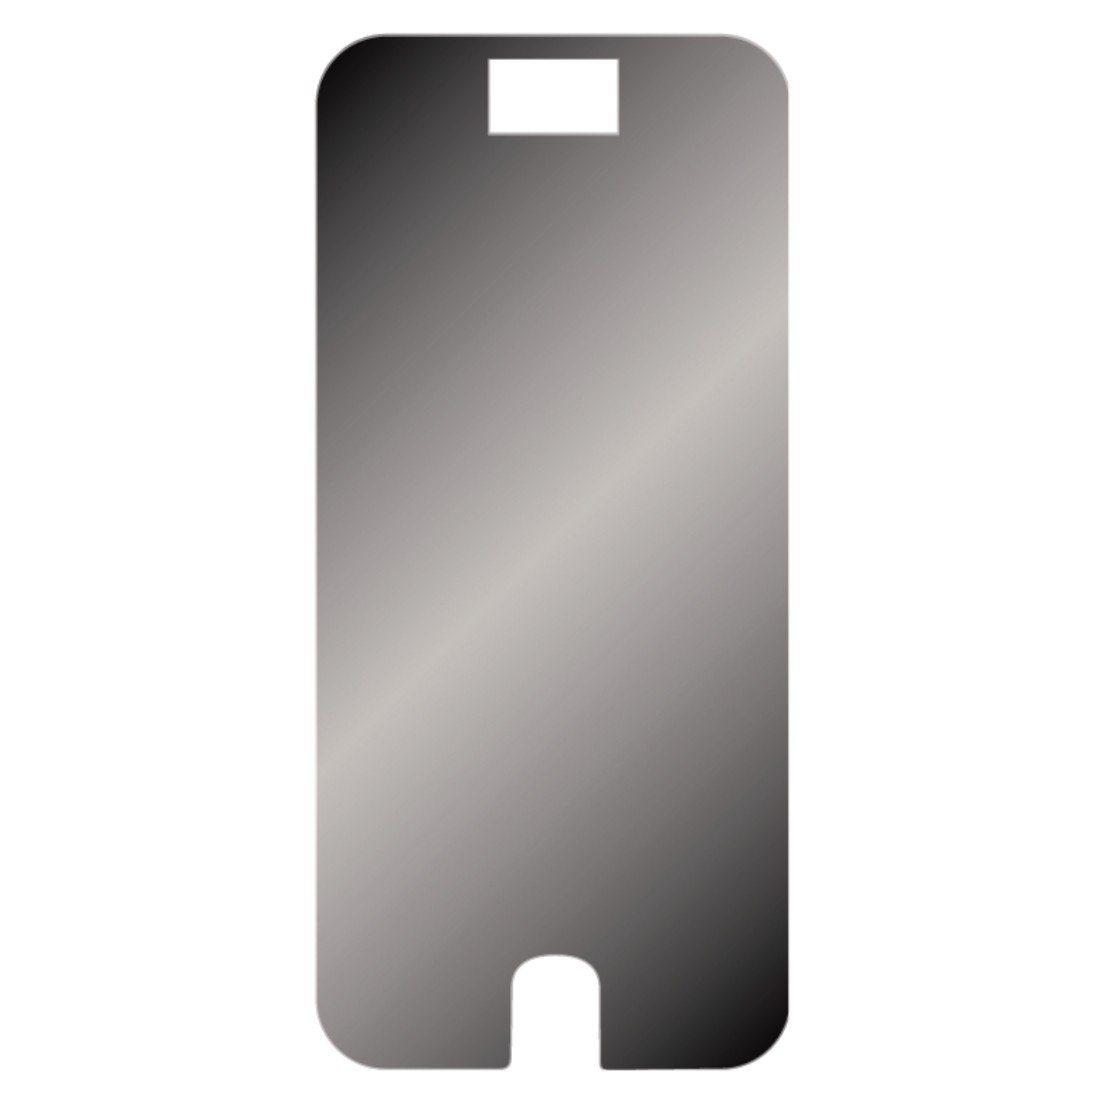 Hama Display-Schutzfolie Privacy für Apple iPhone 5/5s